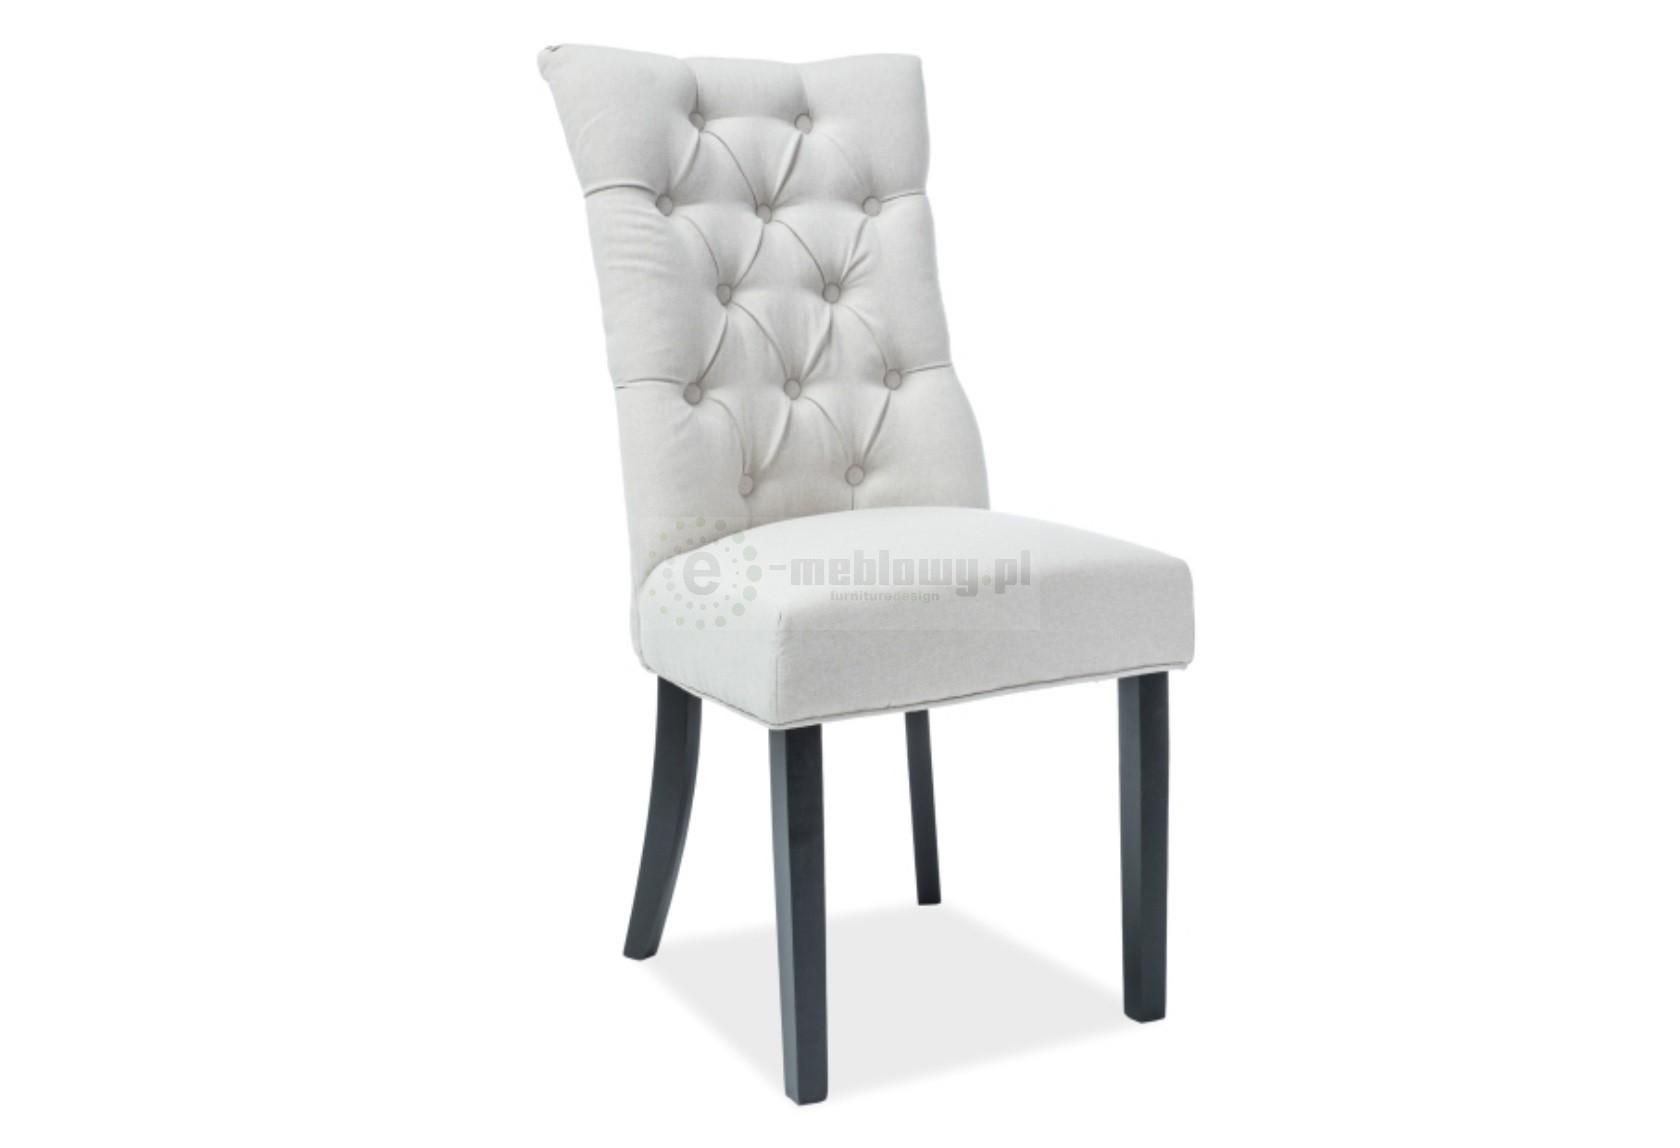 Stylowe krzesło do salonu Nero, krzesło do jadalni, krzesła